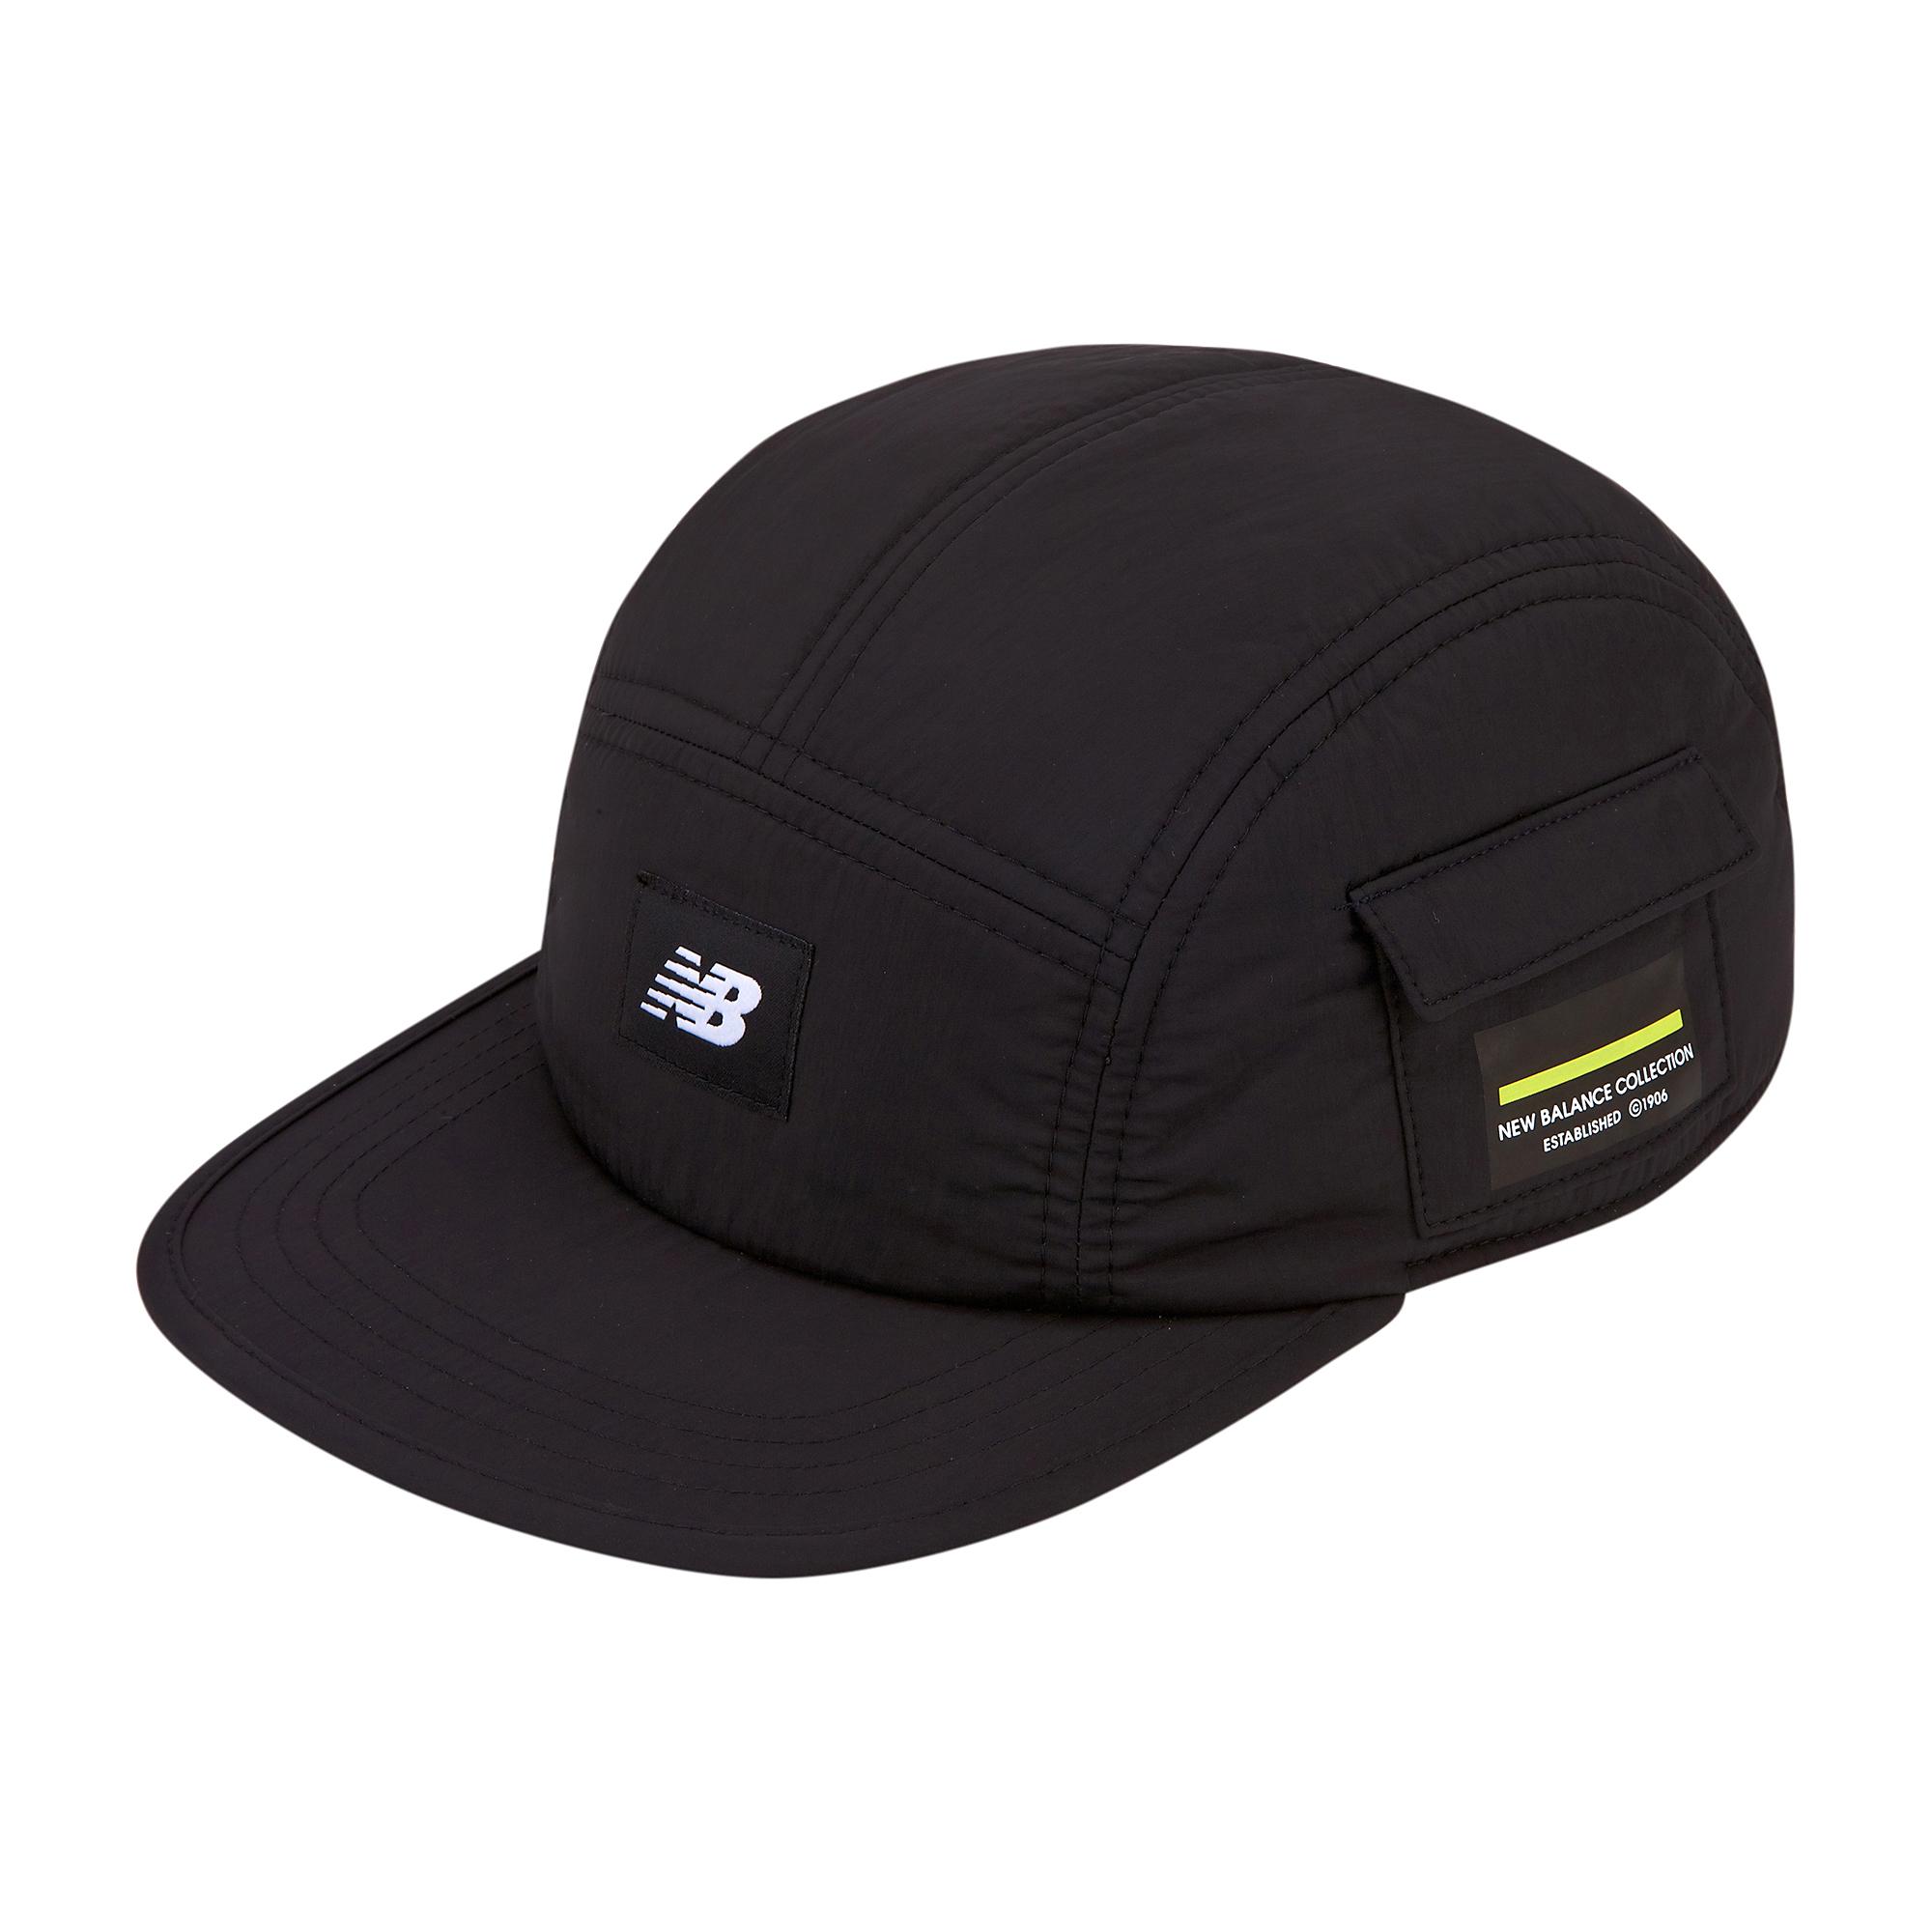 뉴발란스 윈터 패딩 캠프캡 NBGD9F0702-00, Black